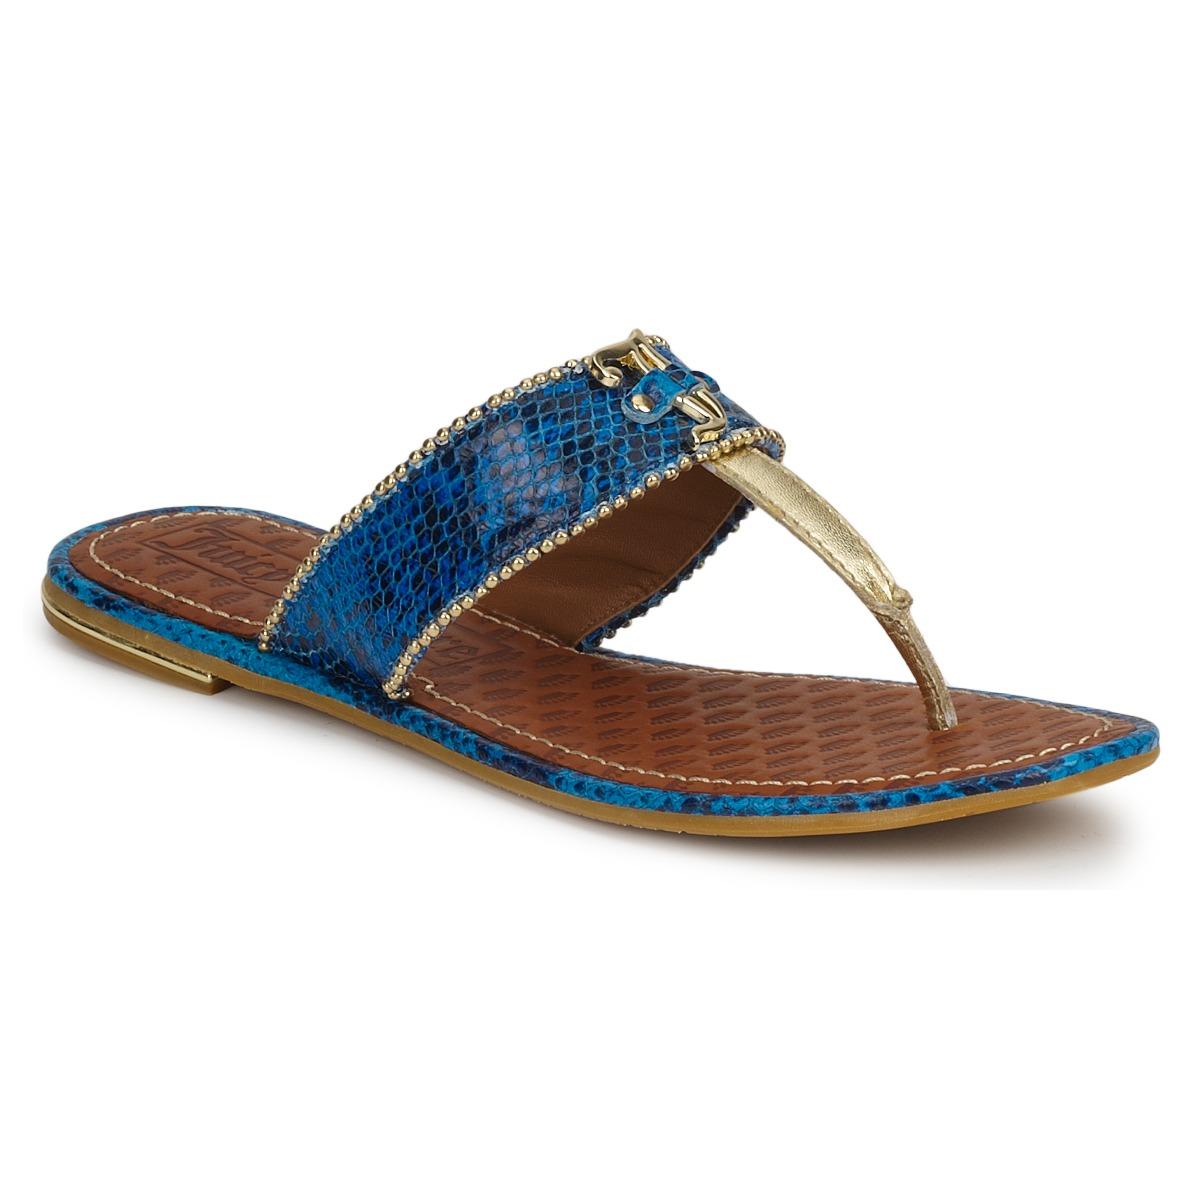 Juicy Couture ADELINE Hell / Blau - Kostenloser Versand bei Spartoode ! - Schuhe Sandalen / Sandaletten Damen 136,00 €